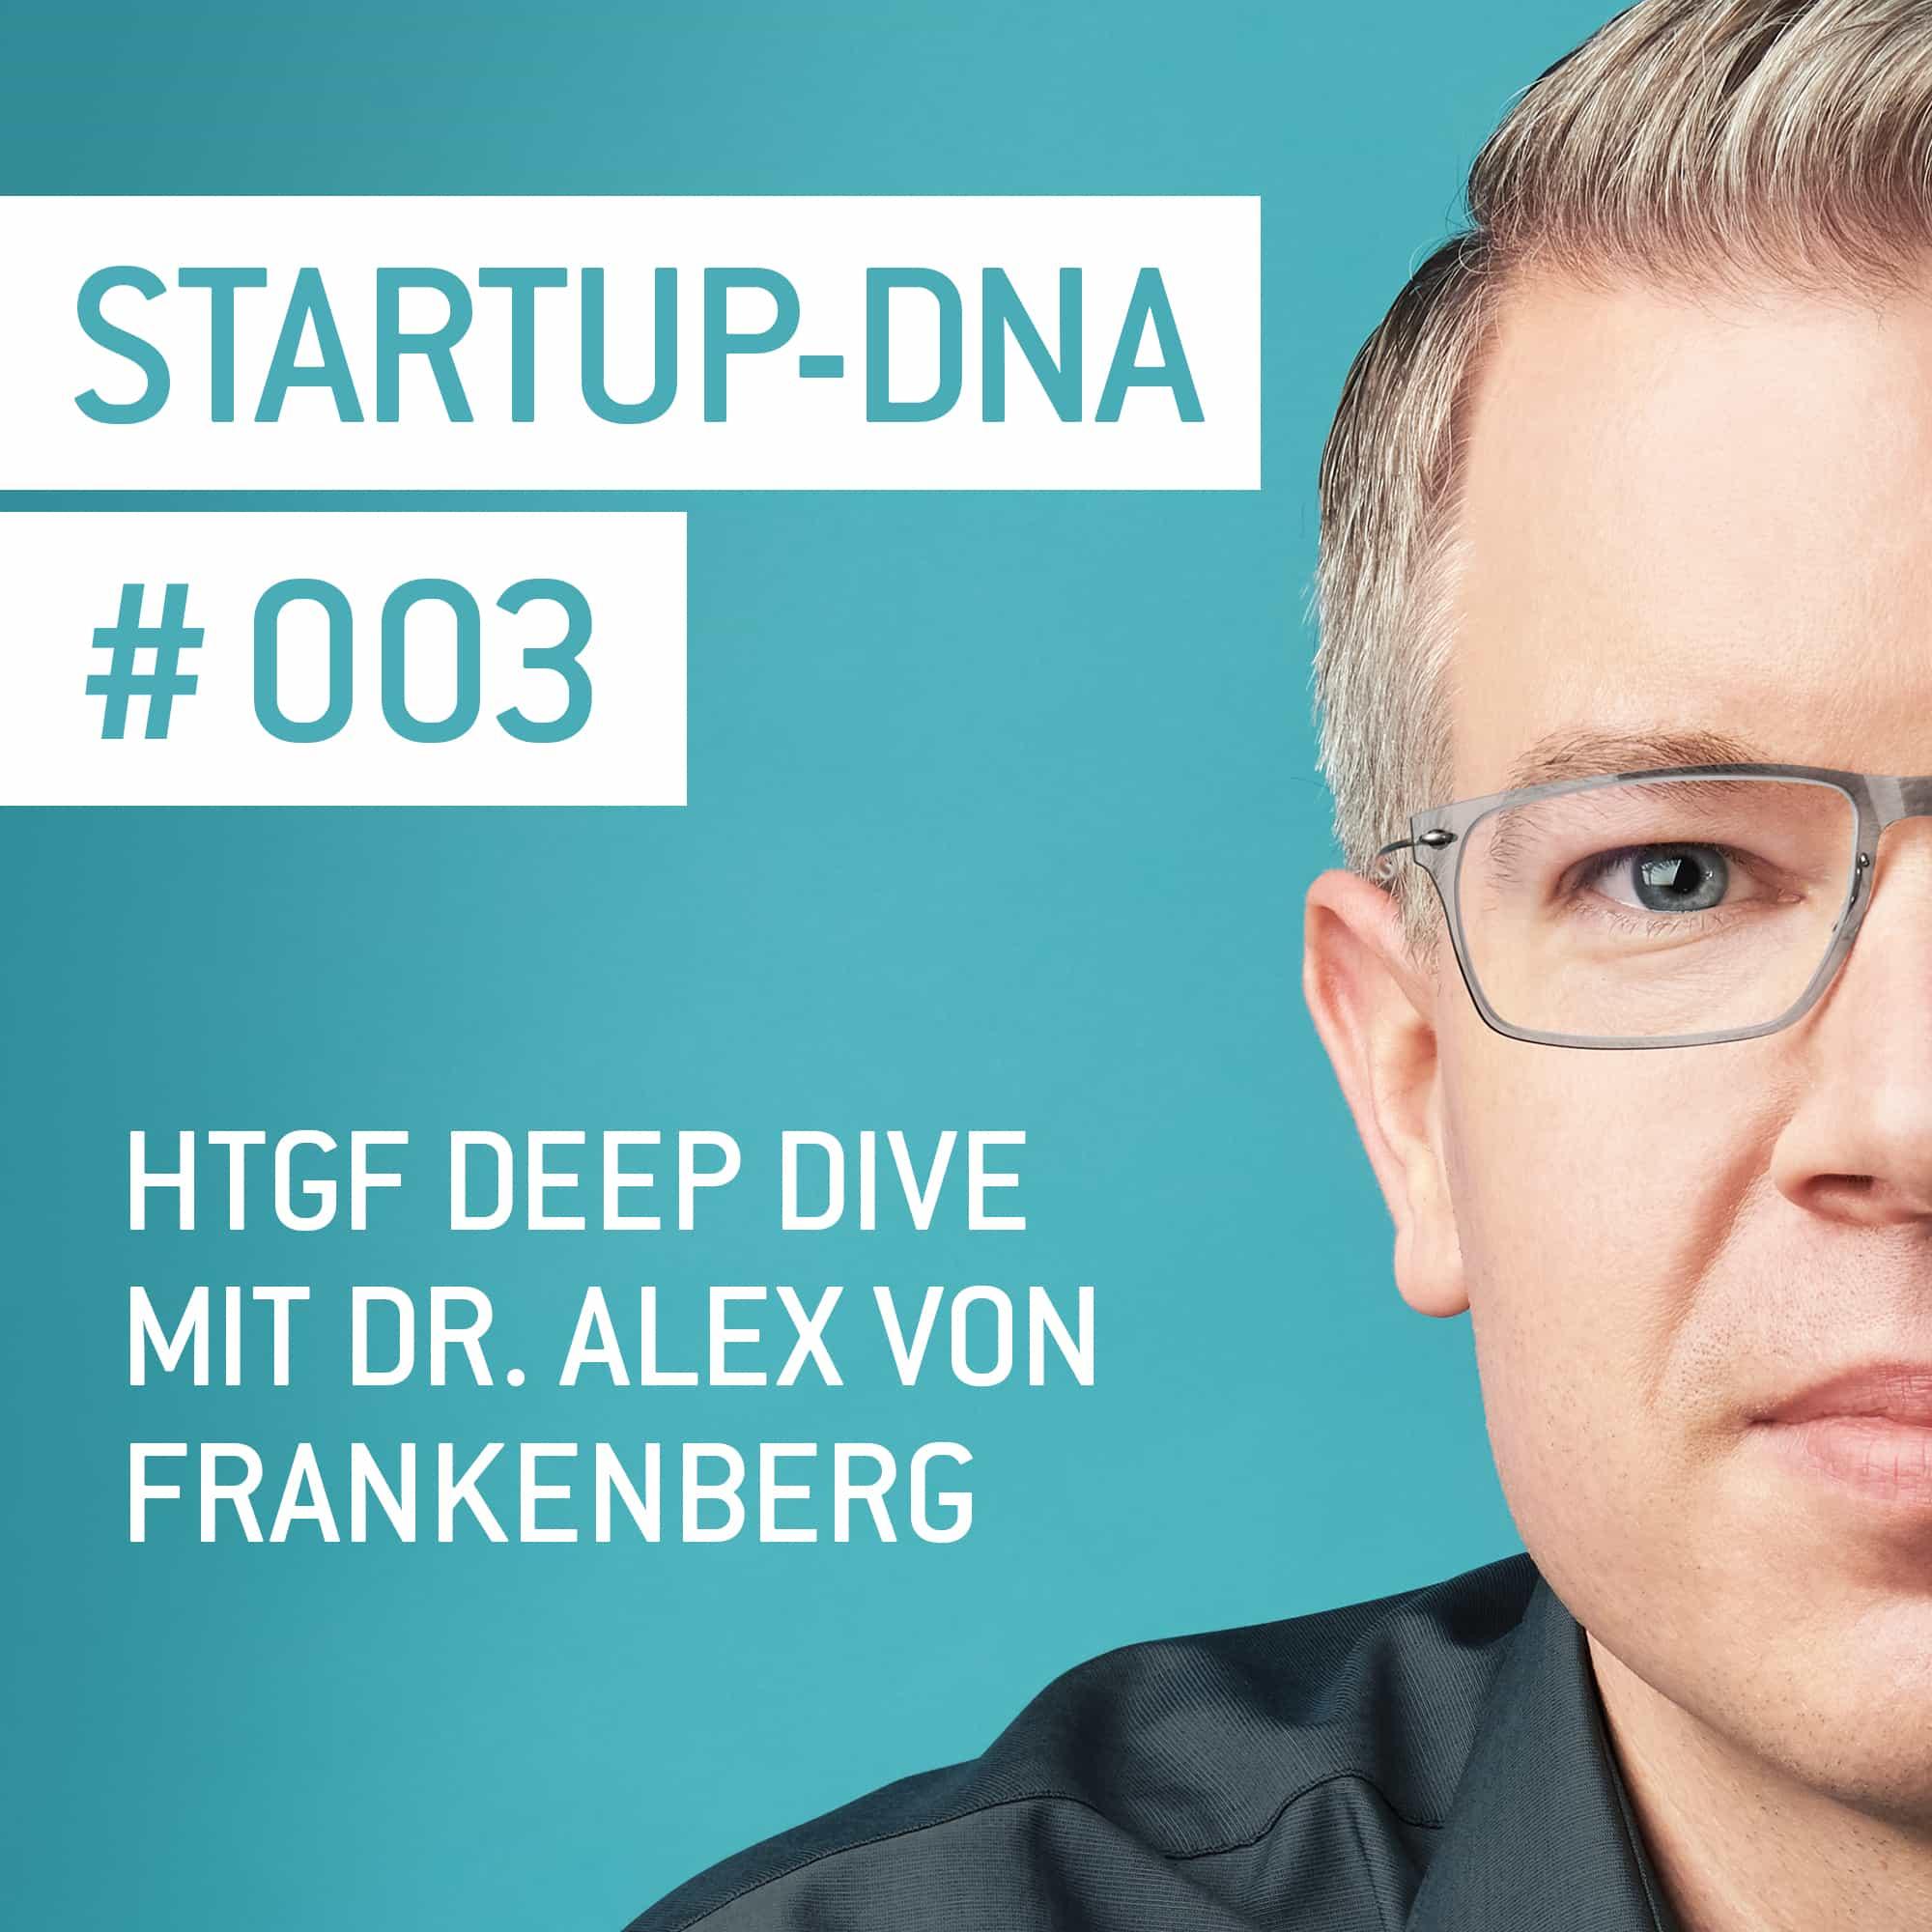 HTGF Deep Dive mit Dr. Alex von Frankenberg